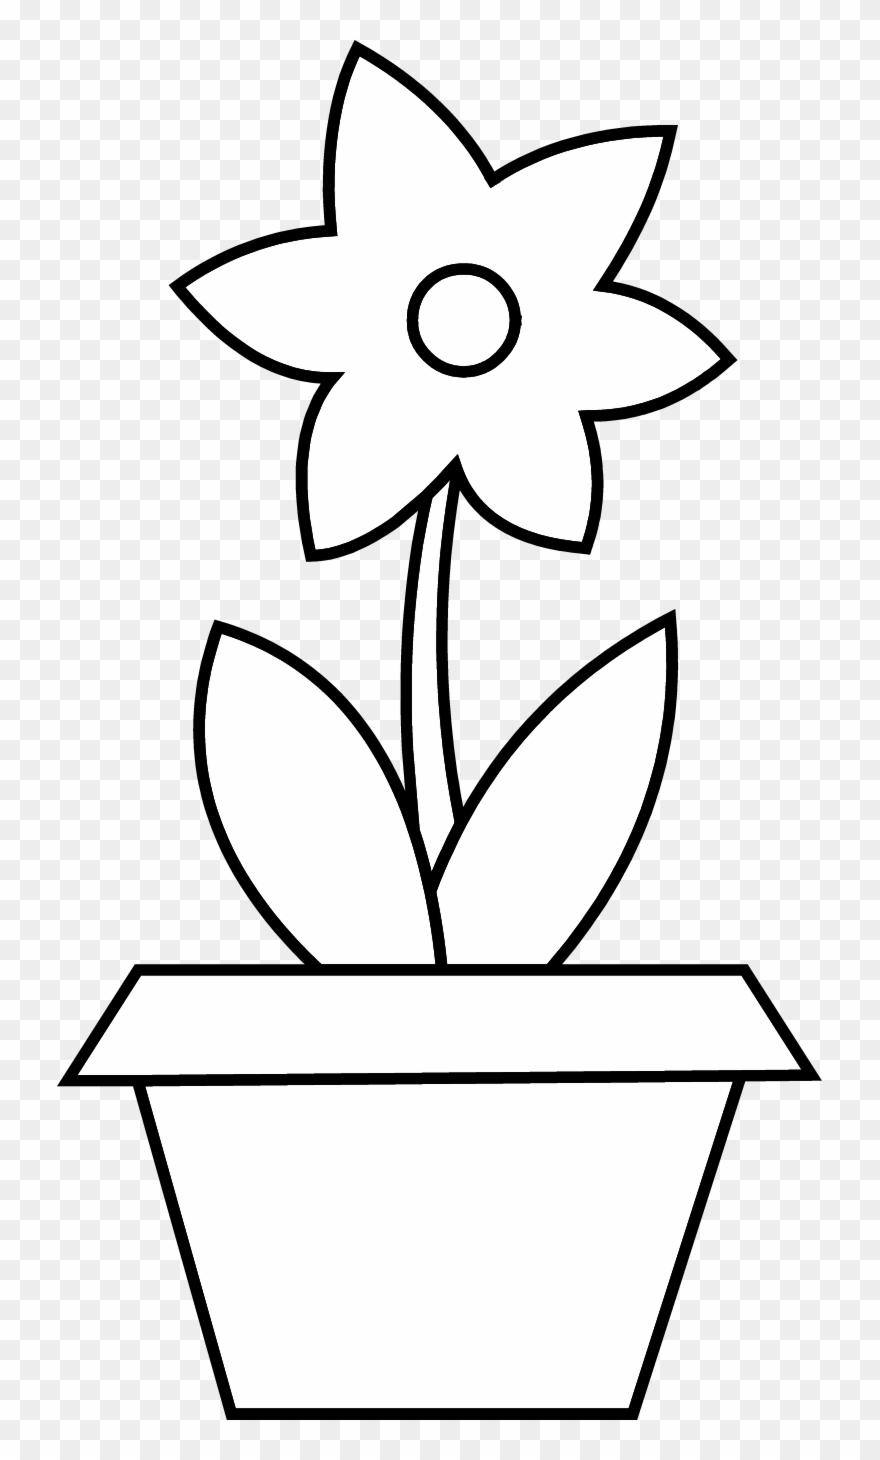 Flower Pot Clipart - Flower Pot Black And White - Png Download  sc 1 st  PinClipart. & Flower Pot Clipart - Flower Pot Black And White - Png Download ...